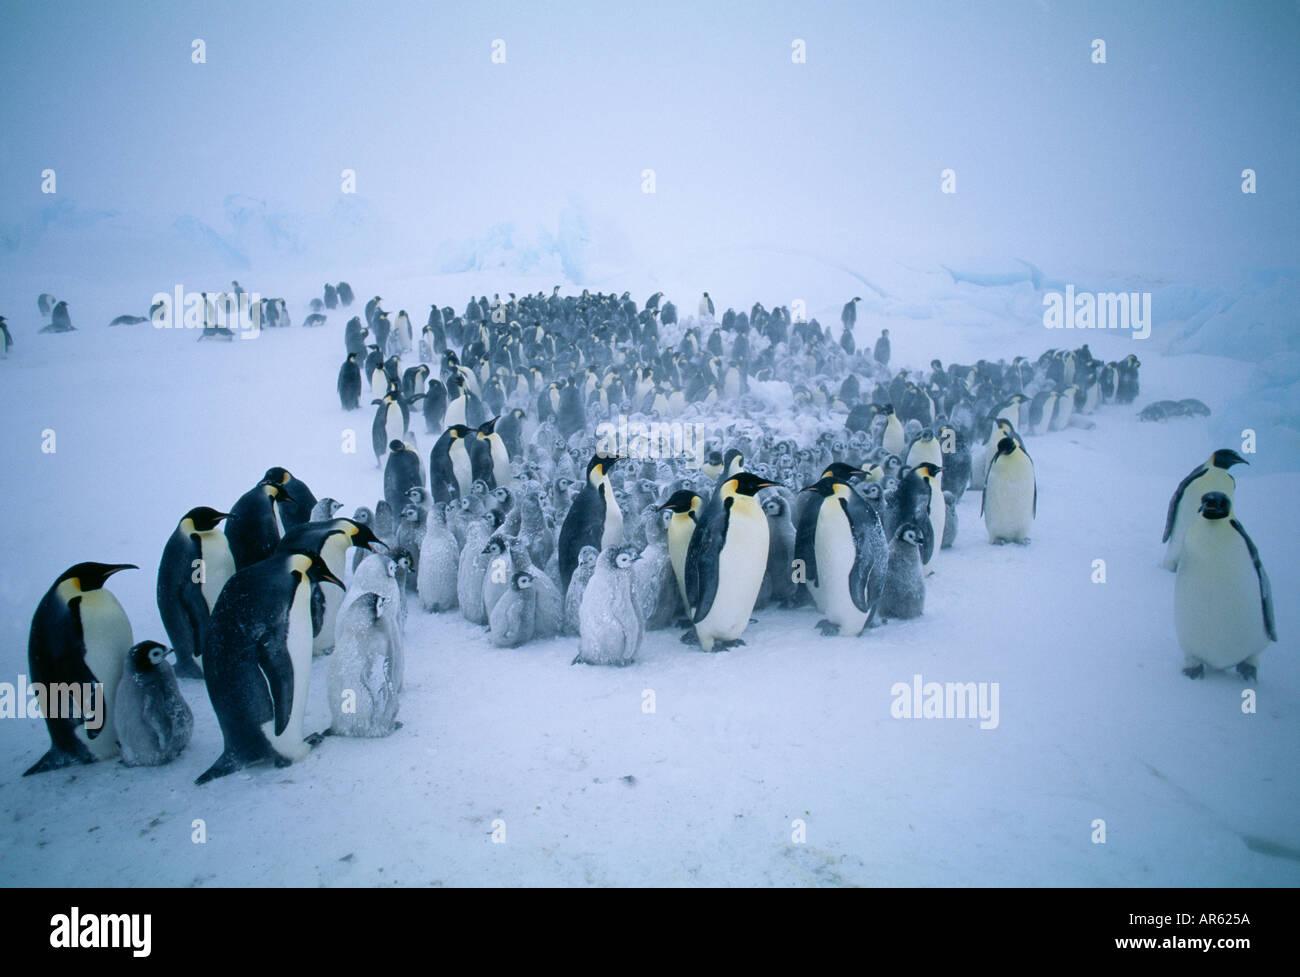 Pinguino imperatore aptenodytes forsteri gruppo riuniti durante la tempesta di mare di Weddell antartide Immagini Stock